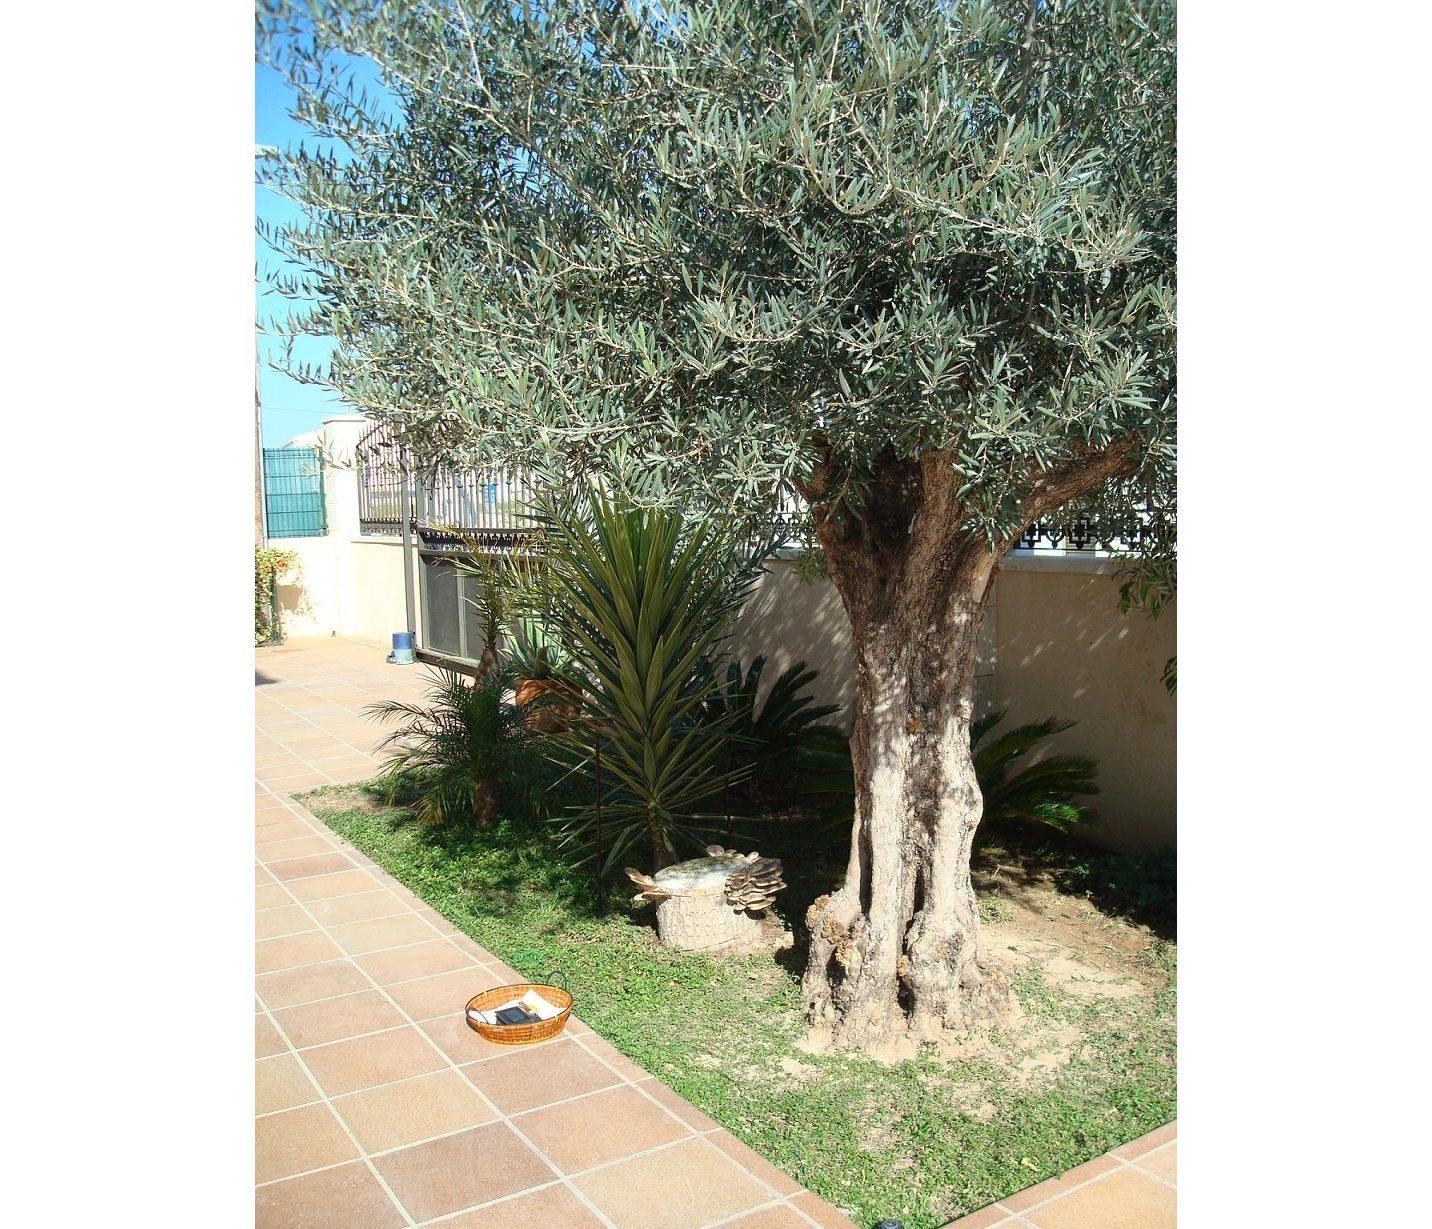 olivo en jardín con setas